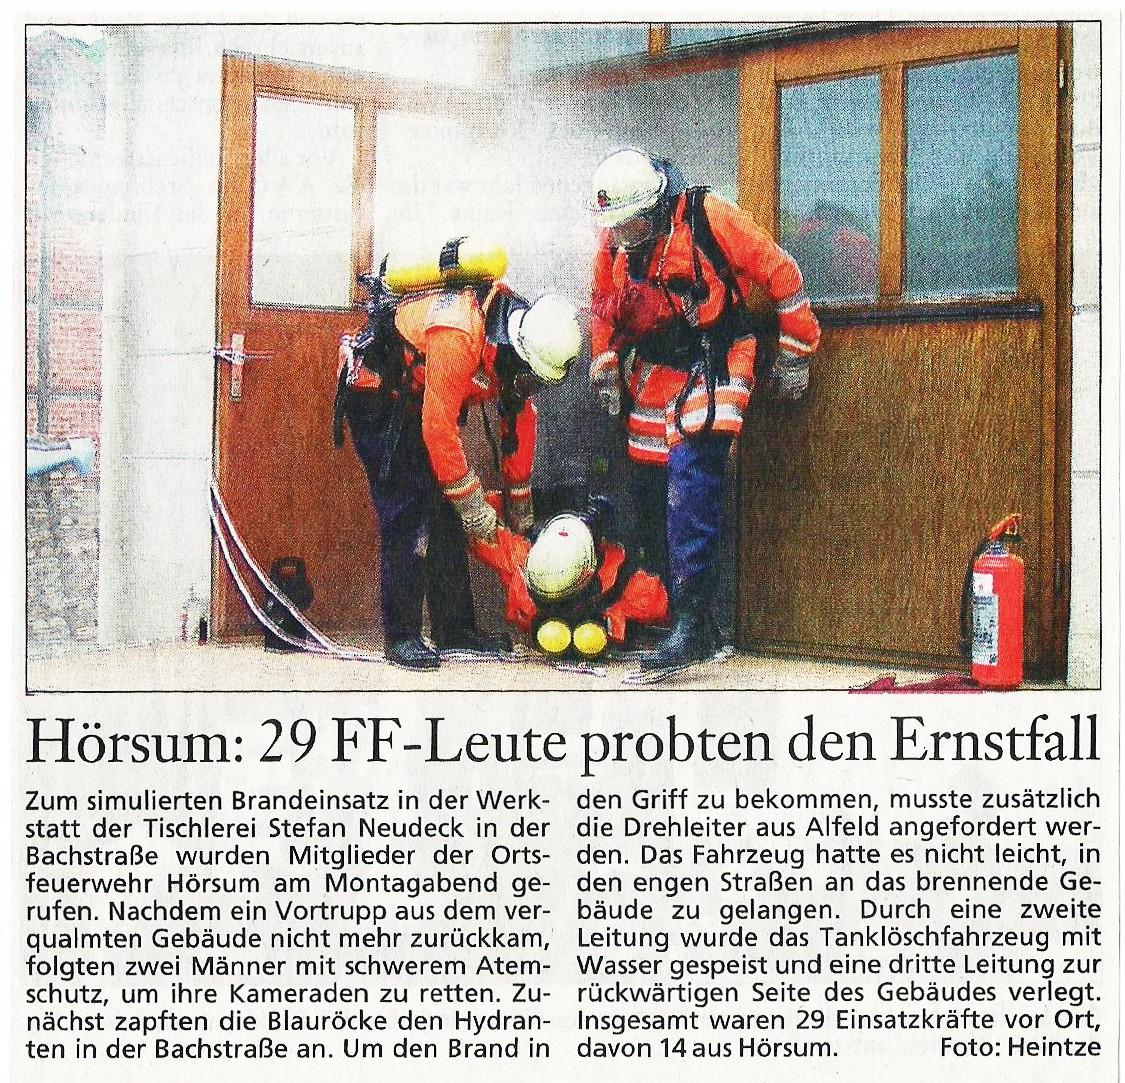 2005-07-06 Hörsum- 29 FF-Leute probten den Ernstfall